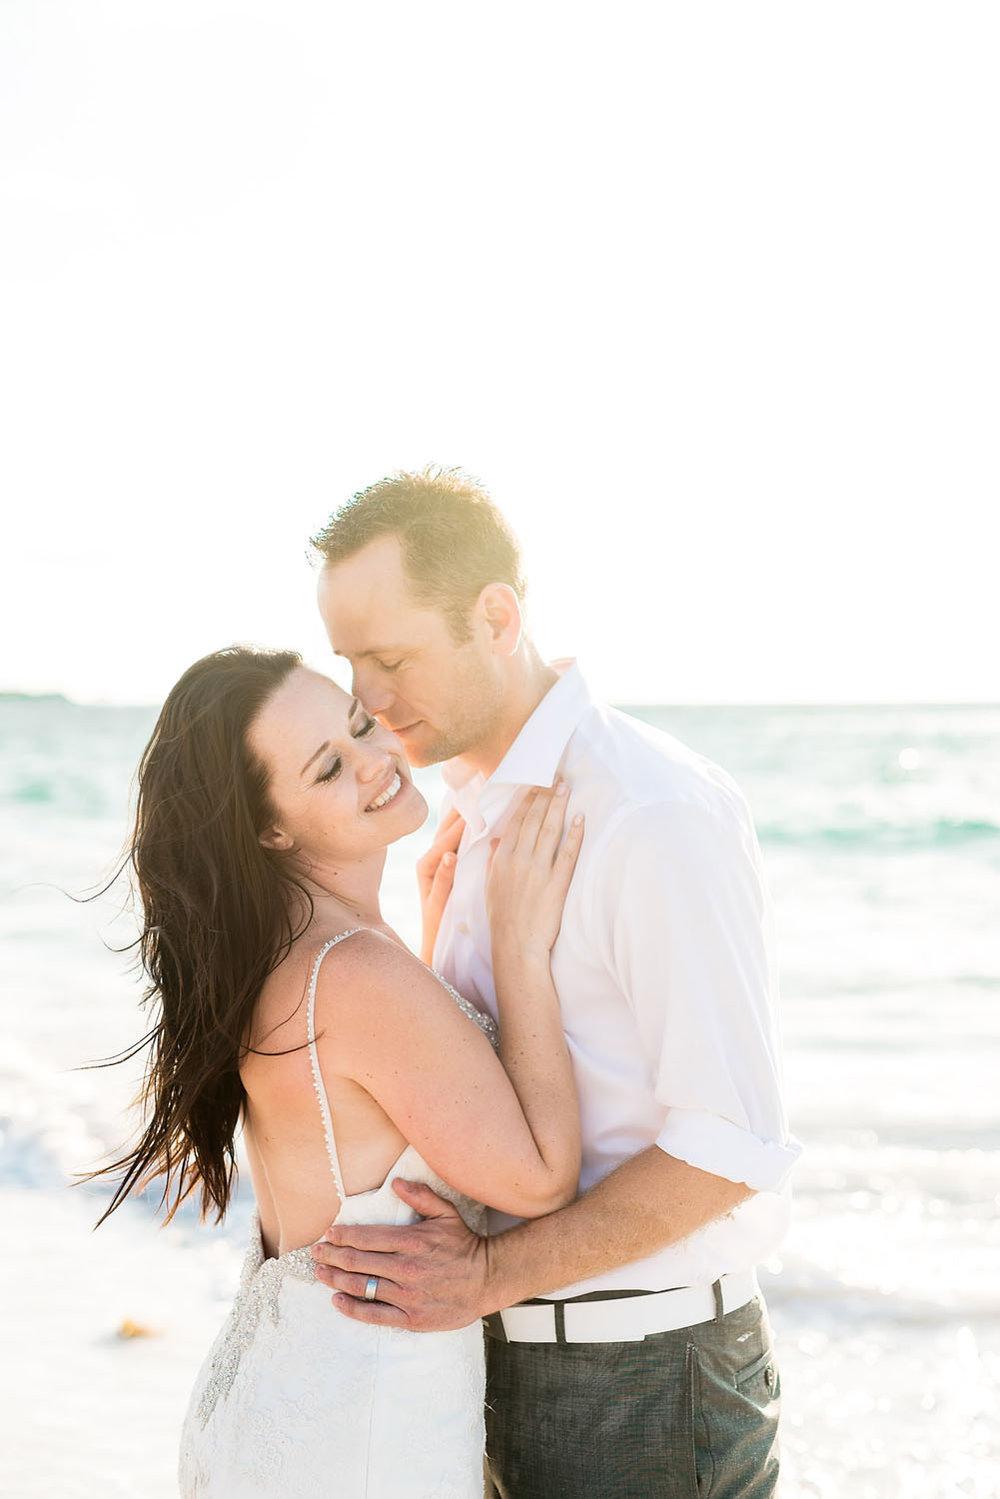 Romantic-Beach-Ceremonies-california.jpg